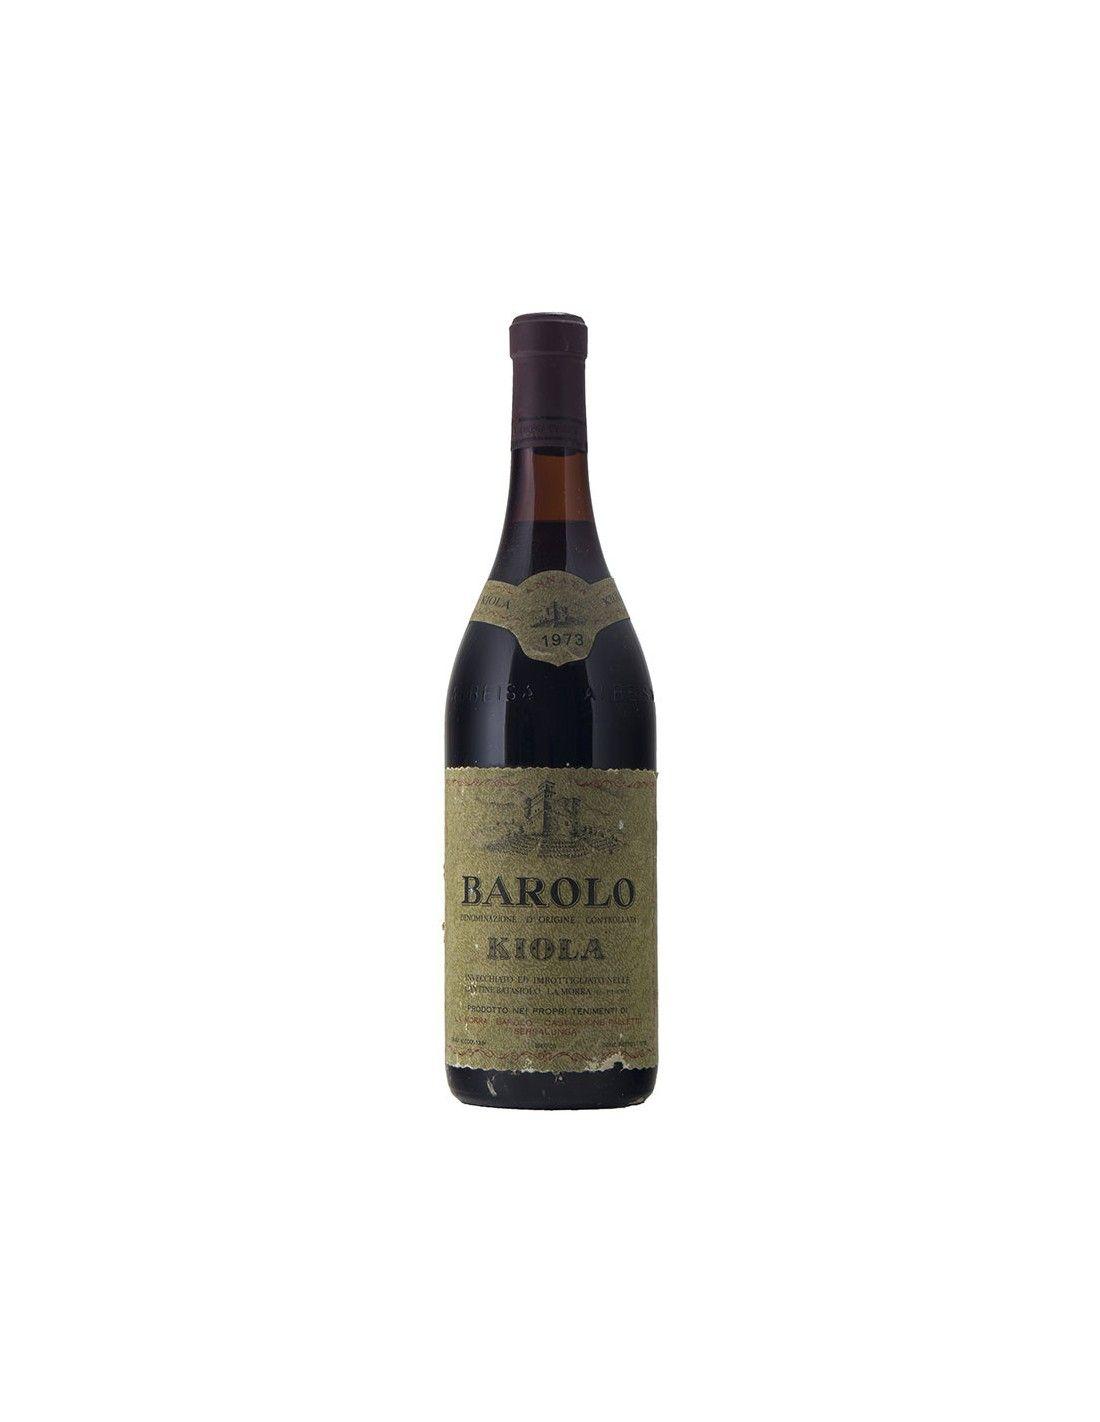 BAROLO 1973 KIOLA Grandi Bottiglie